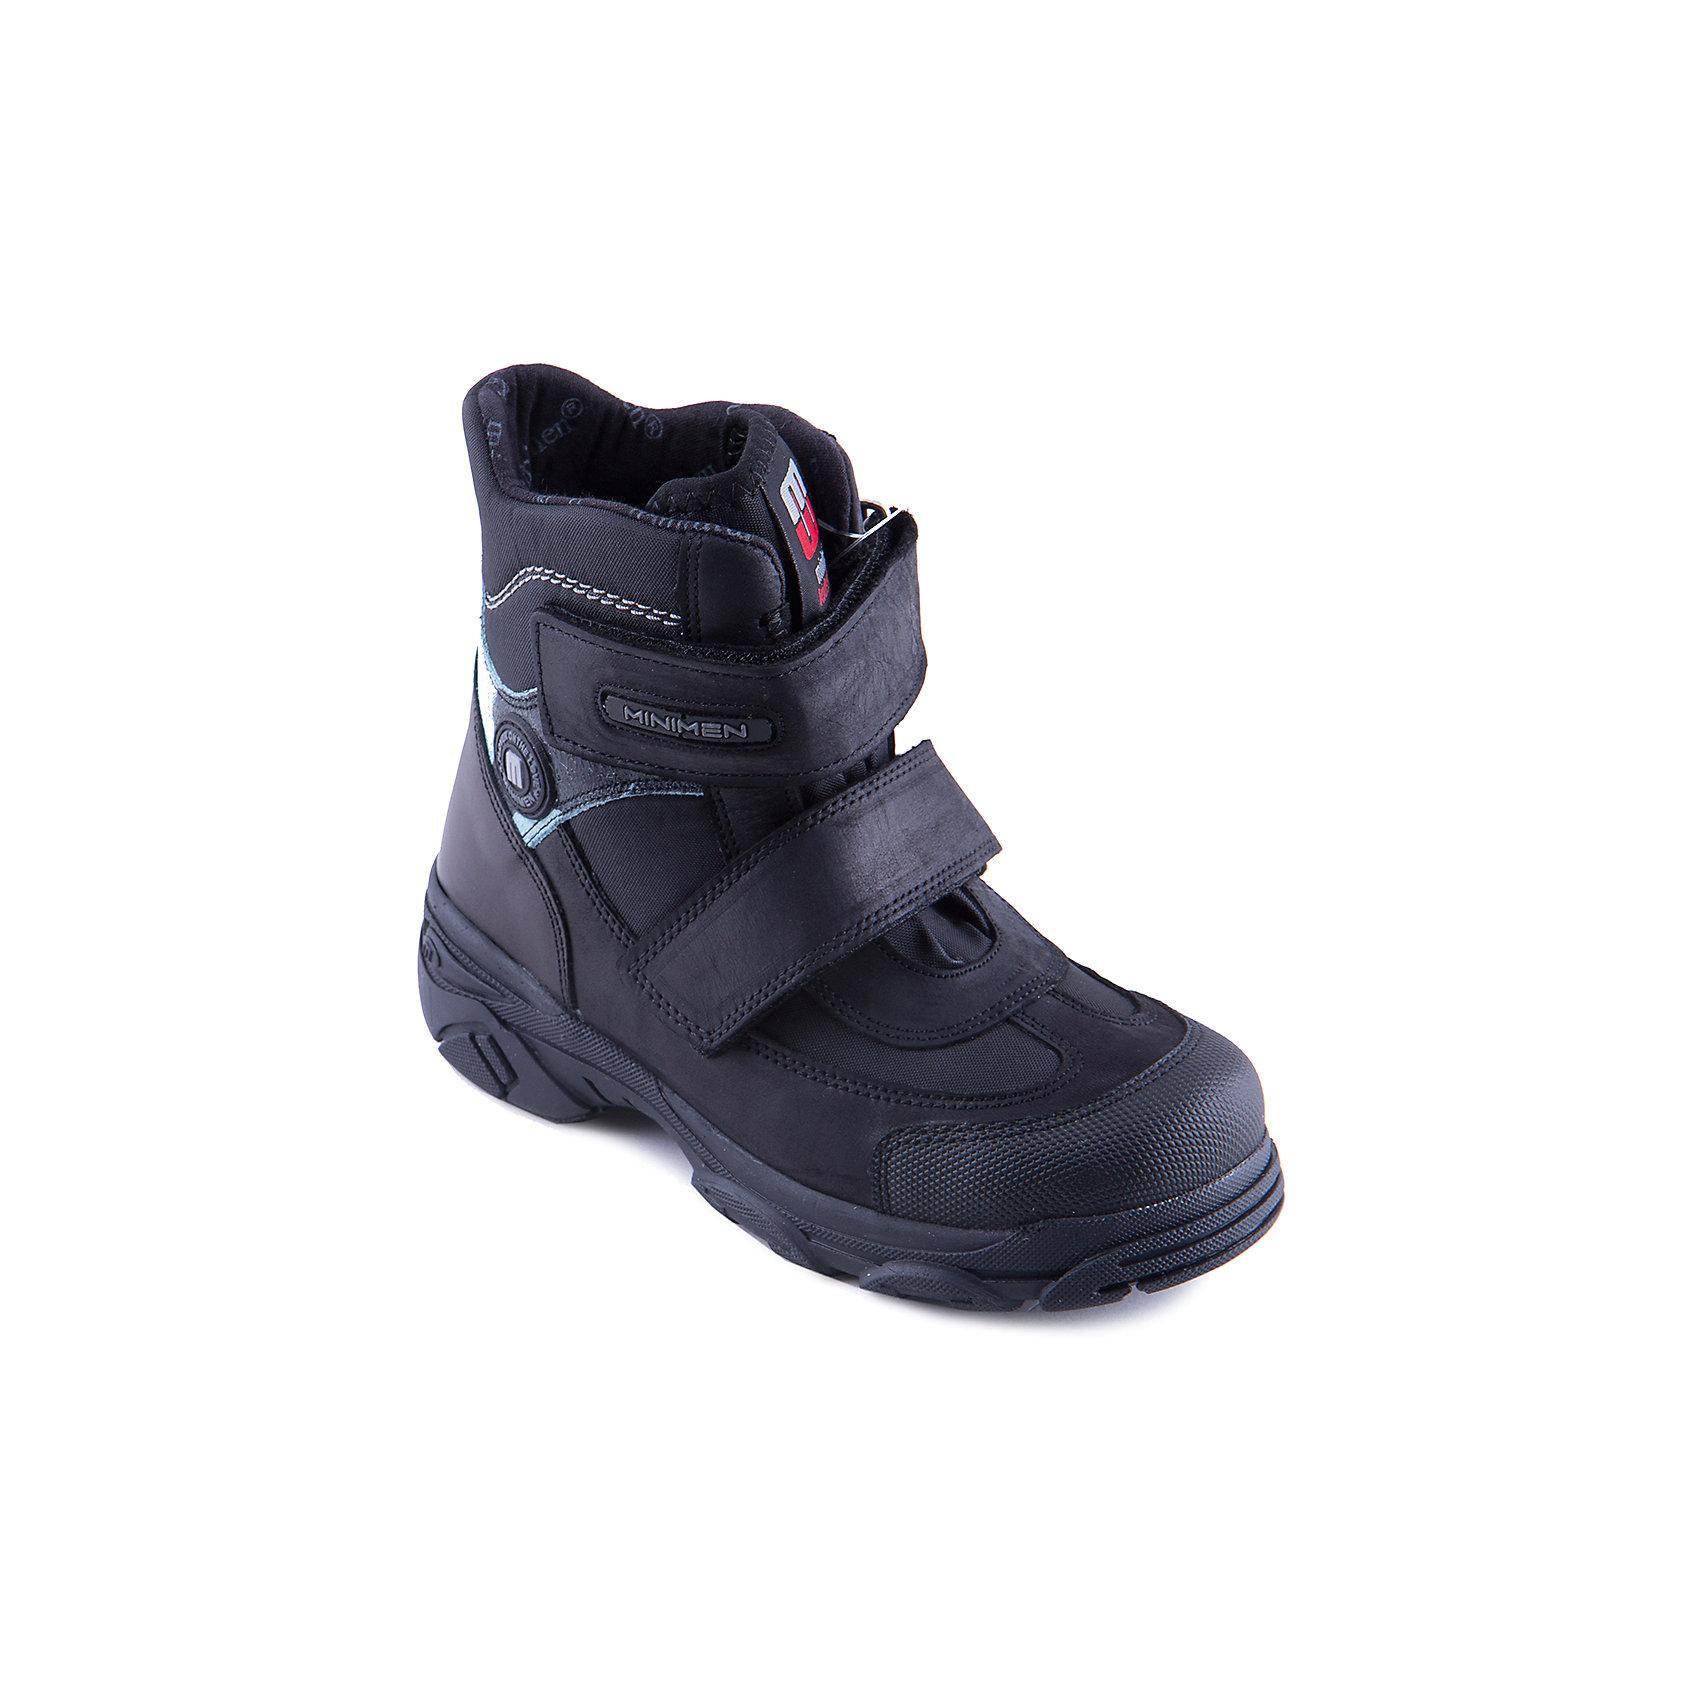 Ботинки для мальчика MinimenБотинки<br>Модные демисезонные полусапоги для мальчика от известного турецкого бренда Minimen. Изделие предназначено для использования в сухую погоду при температуре воздуха выше -5 градусов и обладает следующими особенностями:<br>- практичная расцветка, привлекательный дизайн;<br>- удобная застежка: 2 ремешка с велкро;<br>- усиленный противоударный мыс;<br>- укрепленный задник, стабилизирующий пятку;<br>- мягкий язычок, исключающий дискомфорт;<br>- теплая текстильная подкладка;<br>- стелька с супинатором обеспечивает правильную поддержку стопы;<br>- легкая нескользящая подошва.<br>Отличные полусапожки для Вашего ребенка!<br><br>Дополнительная информация:<br>- Температурный режим: выше -5 градусов<br>- Состав:<br>Материал верха: натуральная кожа  <br>Материал подкладки: текстиль (100% хлопок)<br><br>Полусапоги для мальчика Minimen (Минимен) можно купить в нашем магазине<br><br>Ширина мм: 257<br>Глубина мм: 180<br>Высота мм: 130<br>Вес г: 420<br>Цвет: черный<br>Возраст от месяцев: 12<br>Возраст до месяцев: 15<br>Пол: Мужской<br>Возраст: Детский<br>Размер: 24,23,21,35,34,32,31,36,33,25,22<br>SKU: 4008615